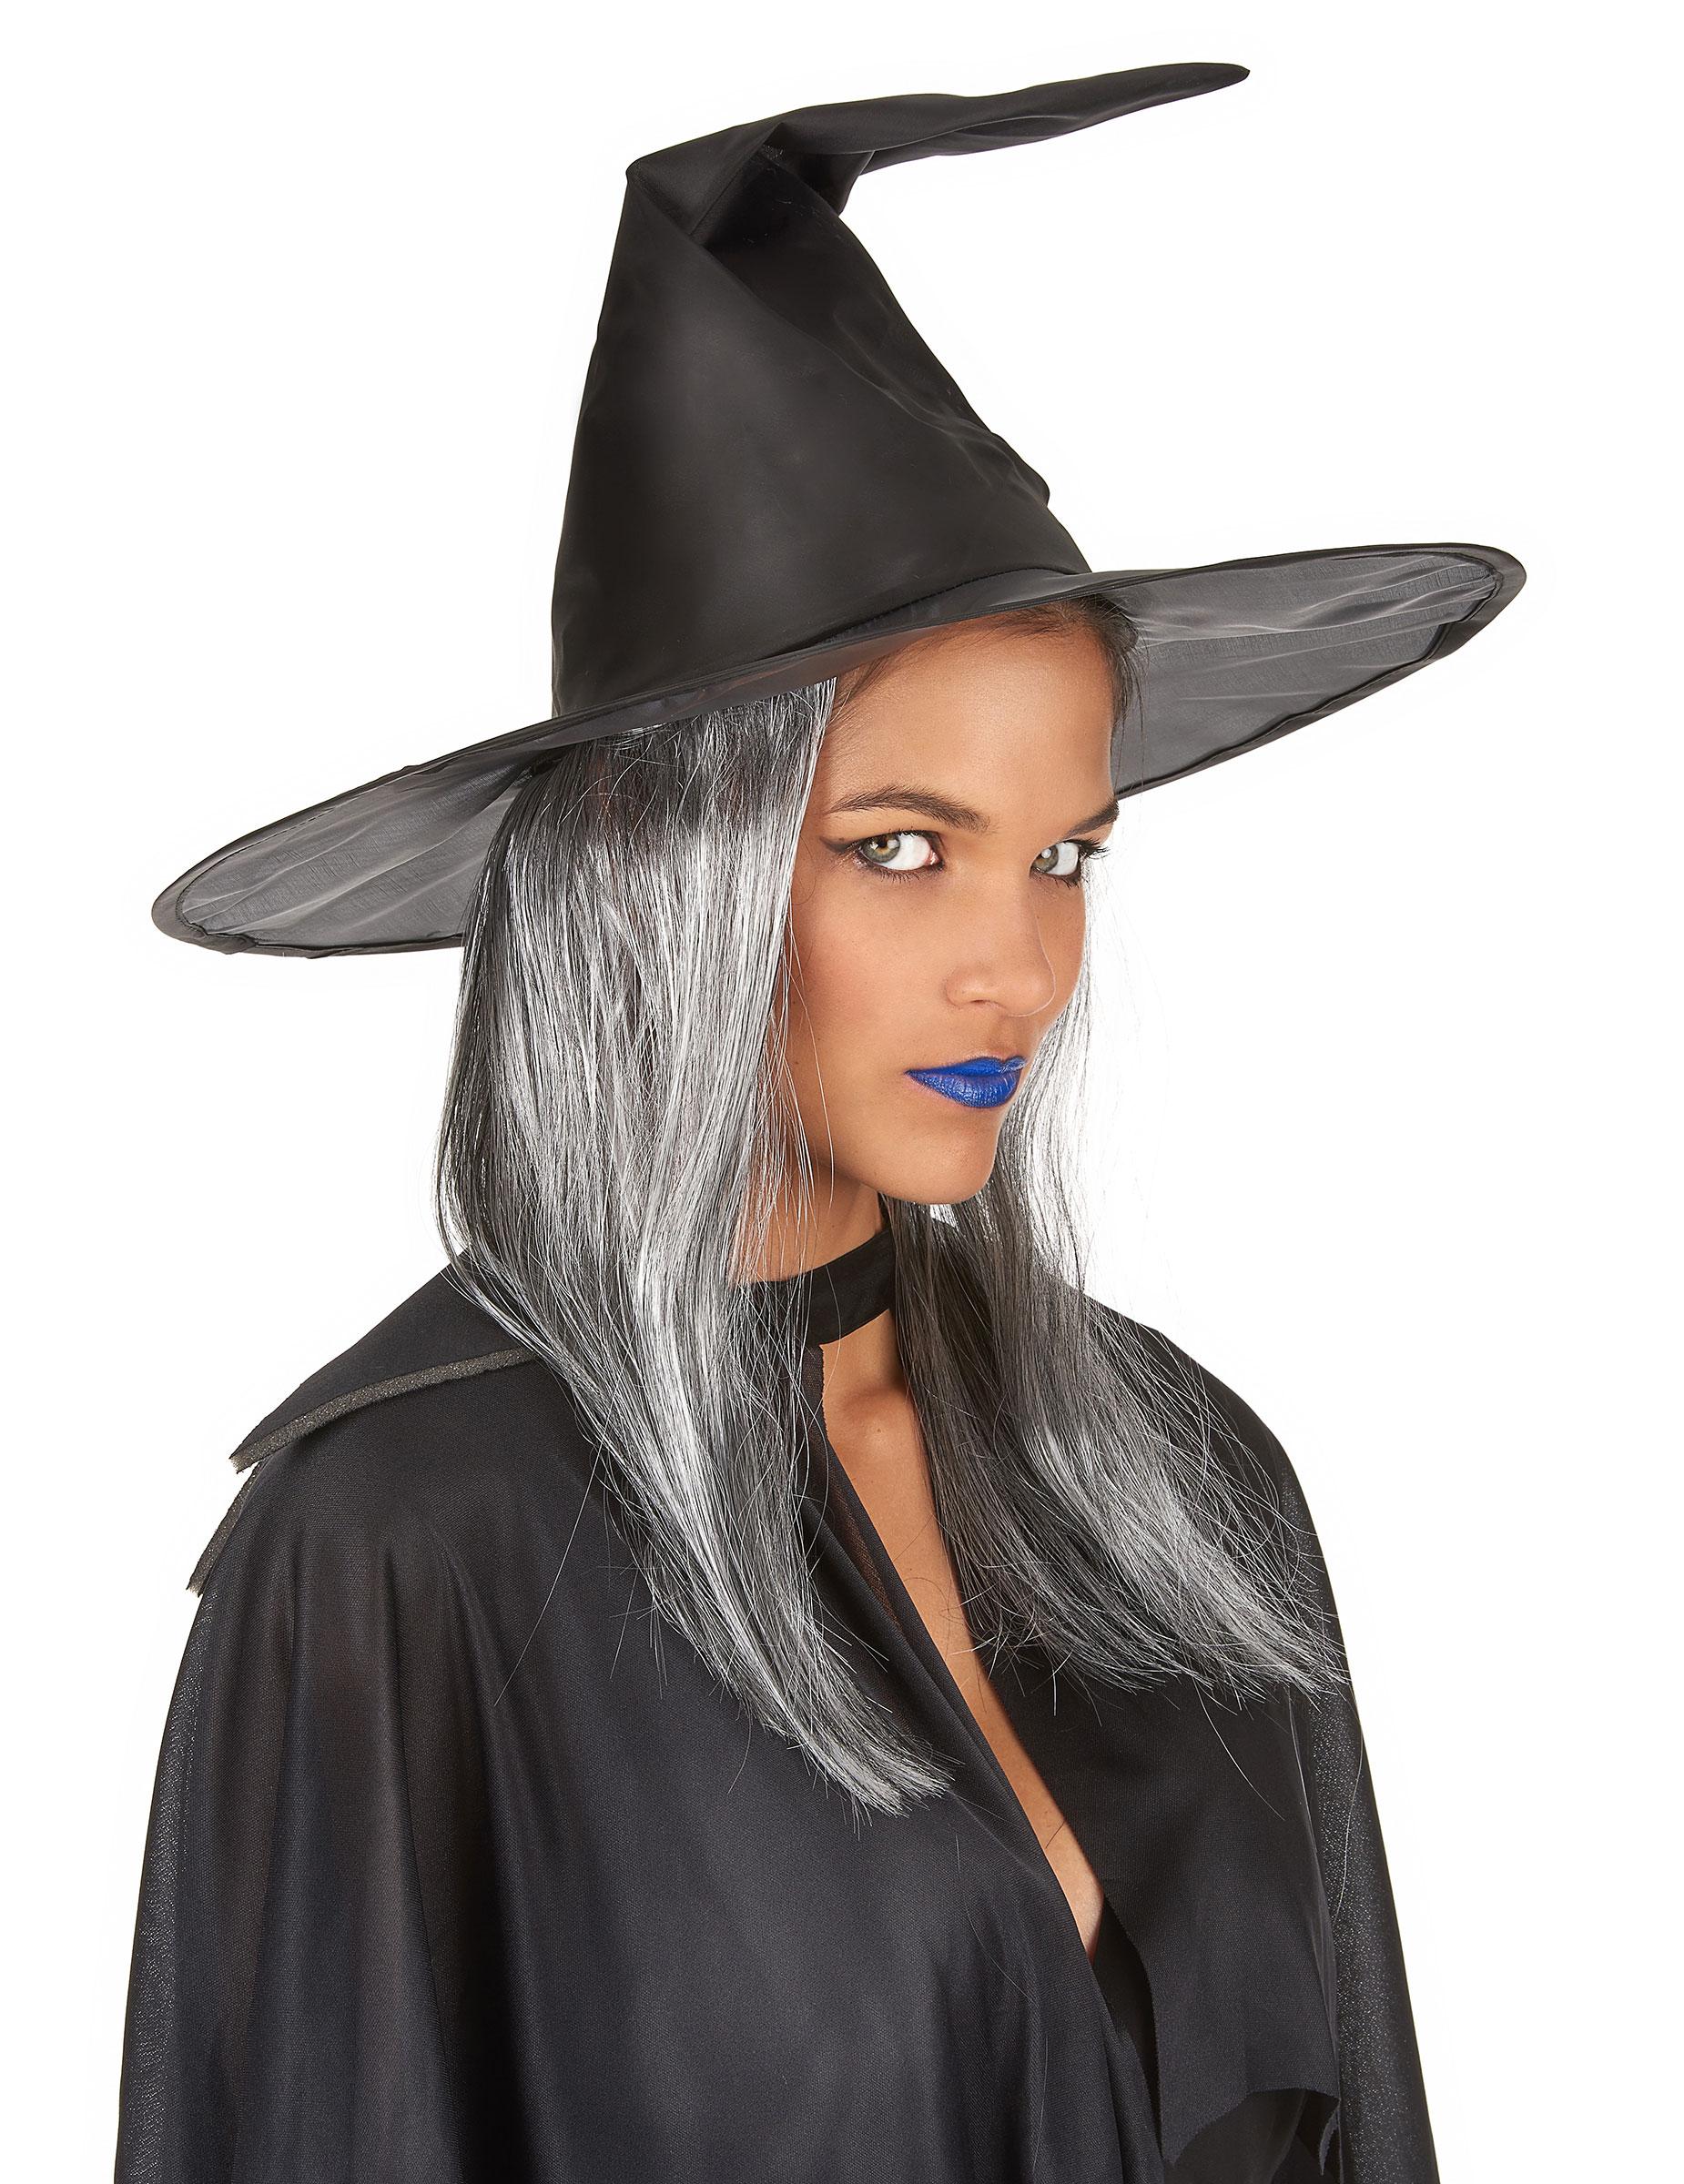 chapeau sorci re noir avec cheveux gris adulte halloween achat de chapeaux sur vegaoopro. Black Bedroom Furniture Sets. Home Design Ideas